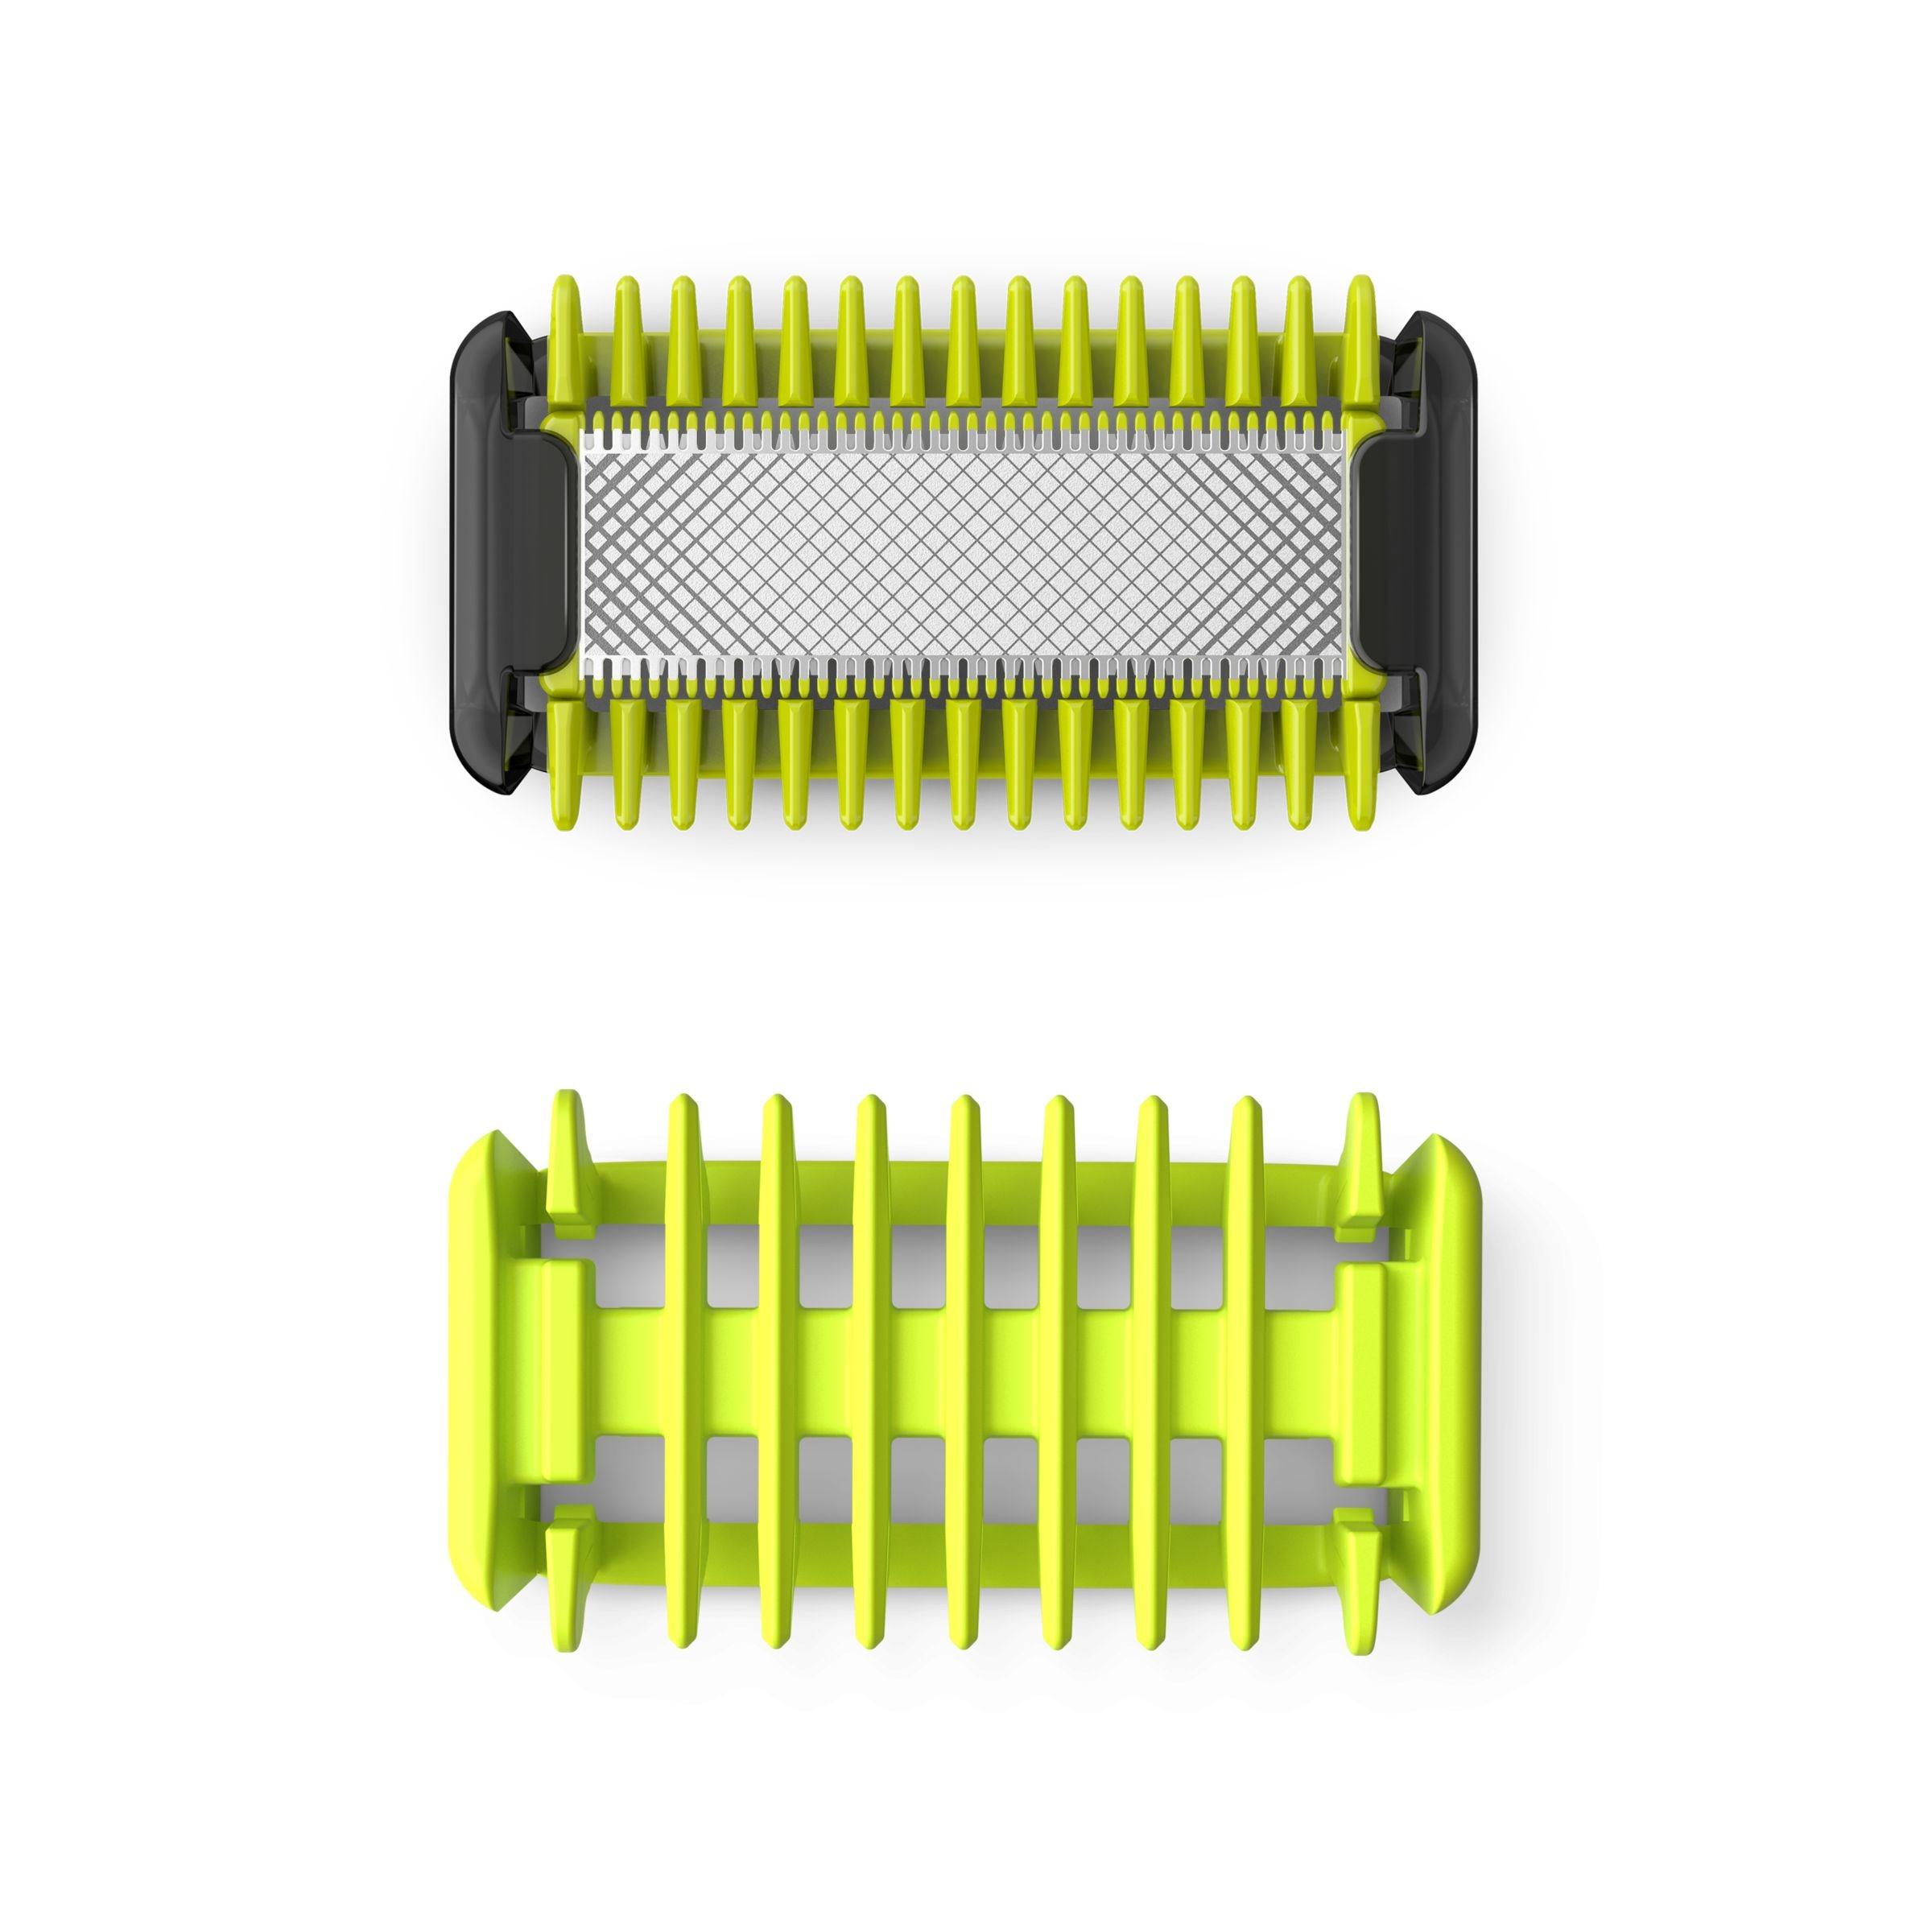 Korting Philips OneBlade vervangbaar scheermesje plus lichaamskam scheerhoofden